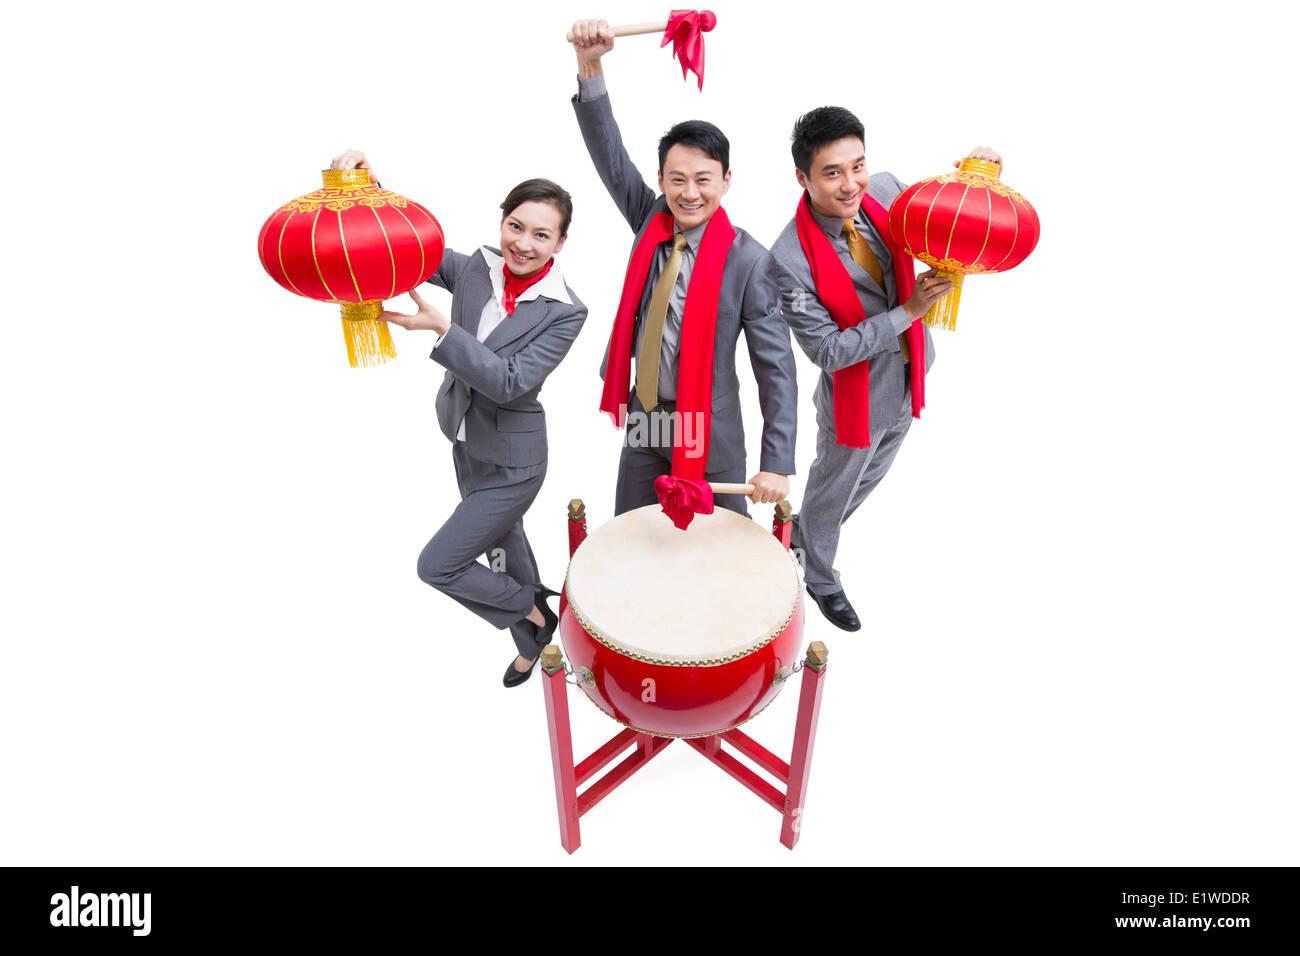 Fröhlichen Kollegen feiern Chinese New Year Stockfoto, Bild ...